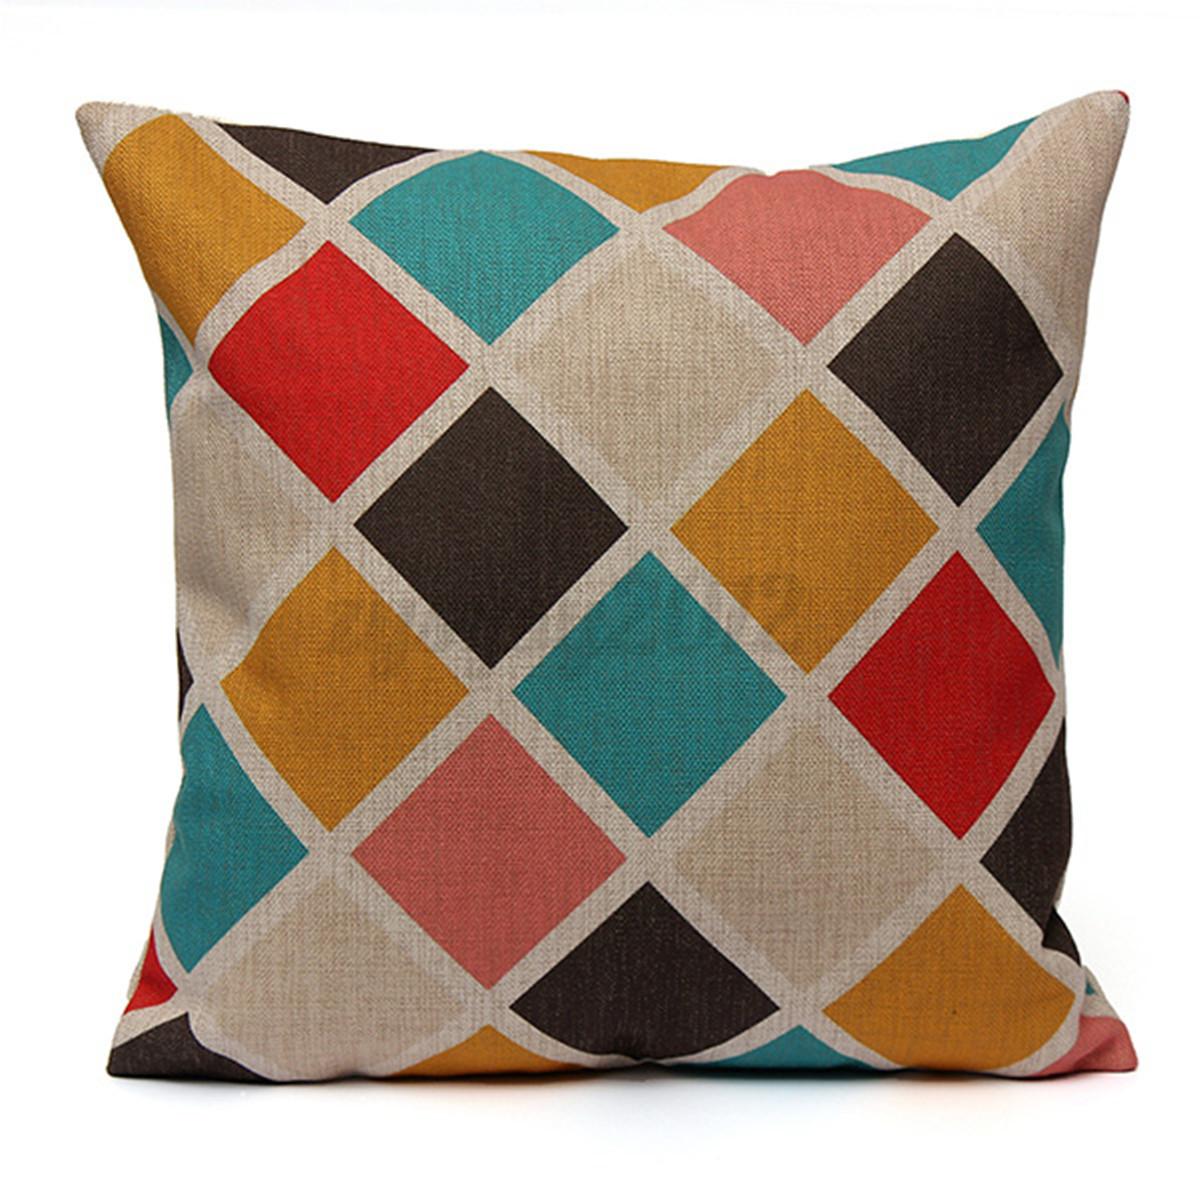 geometric flower vintage cotton linen pillow case cushion co